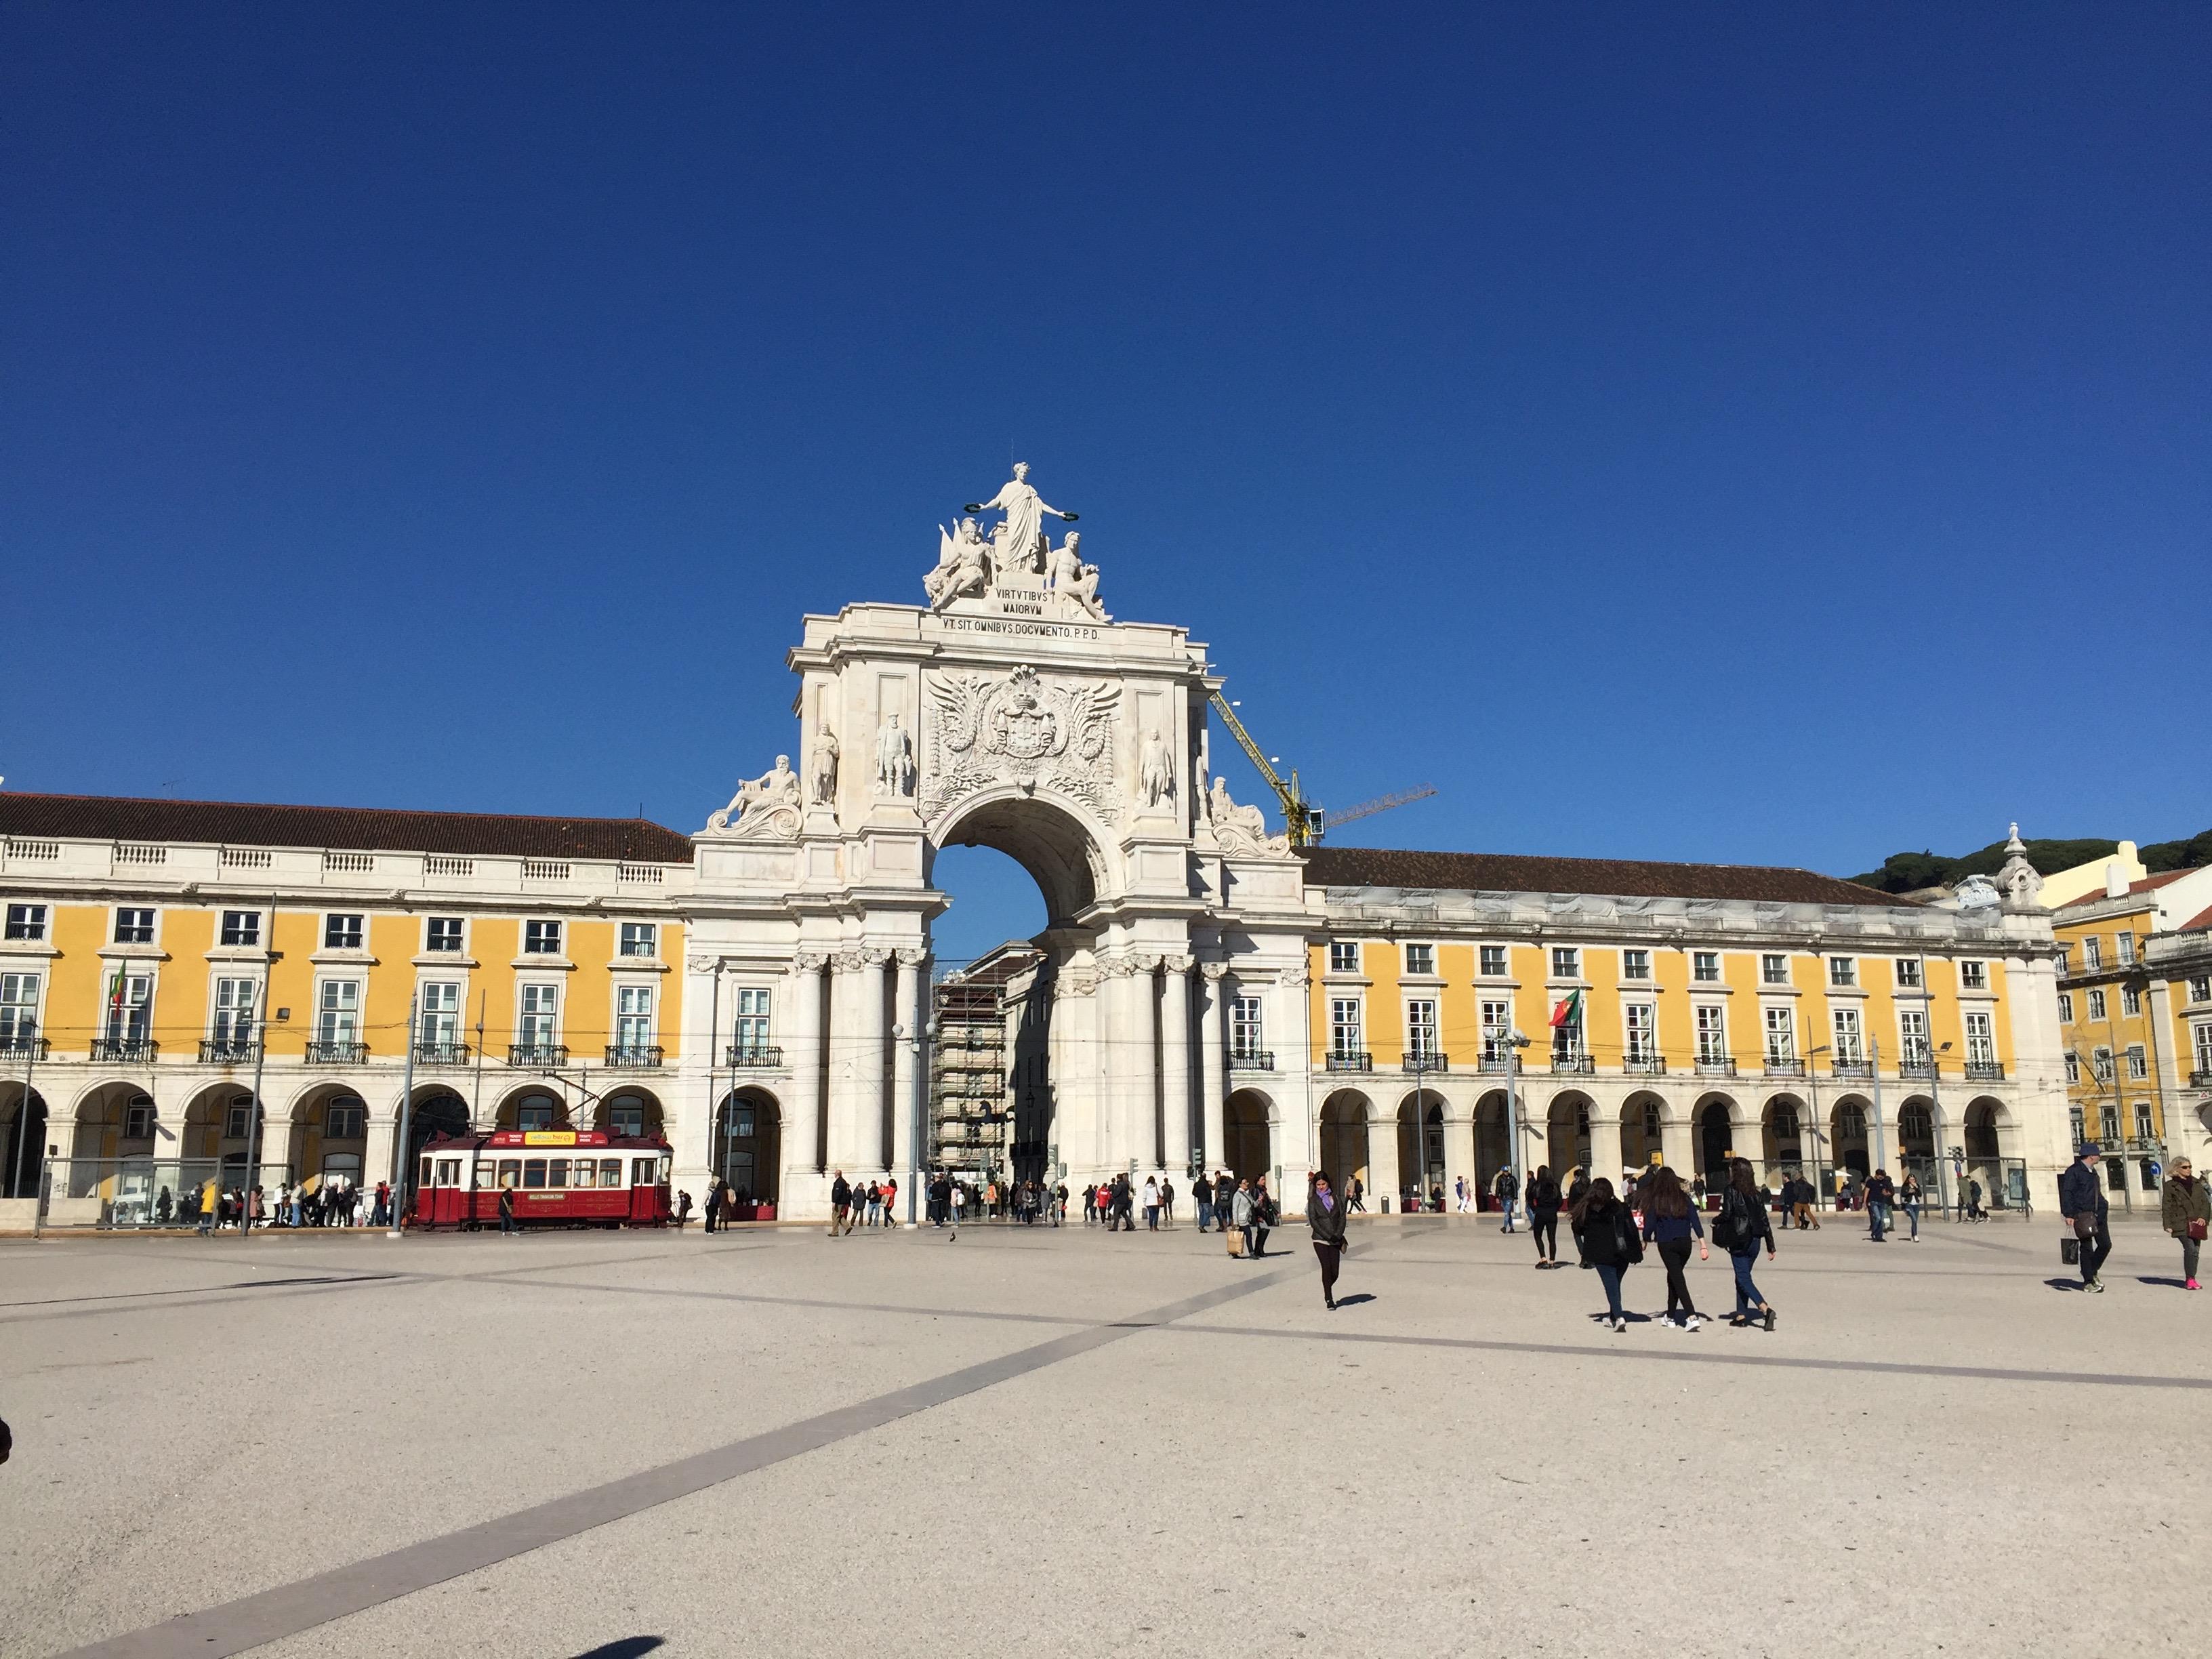 praça_do_comércio_lisbon_portugal_lustforthesublime